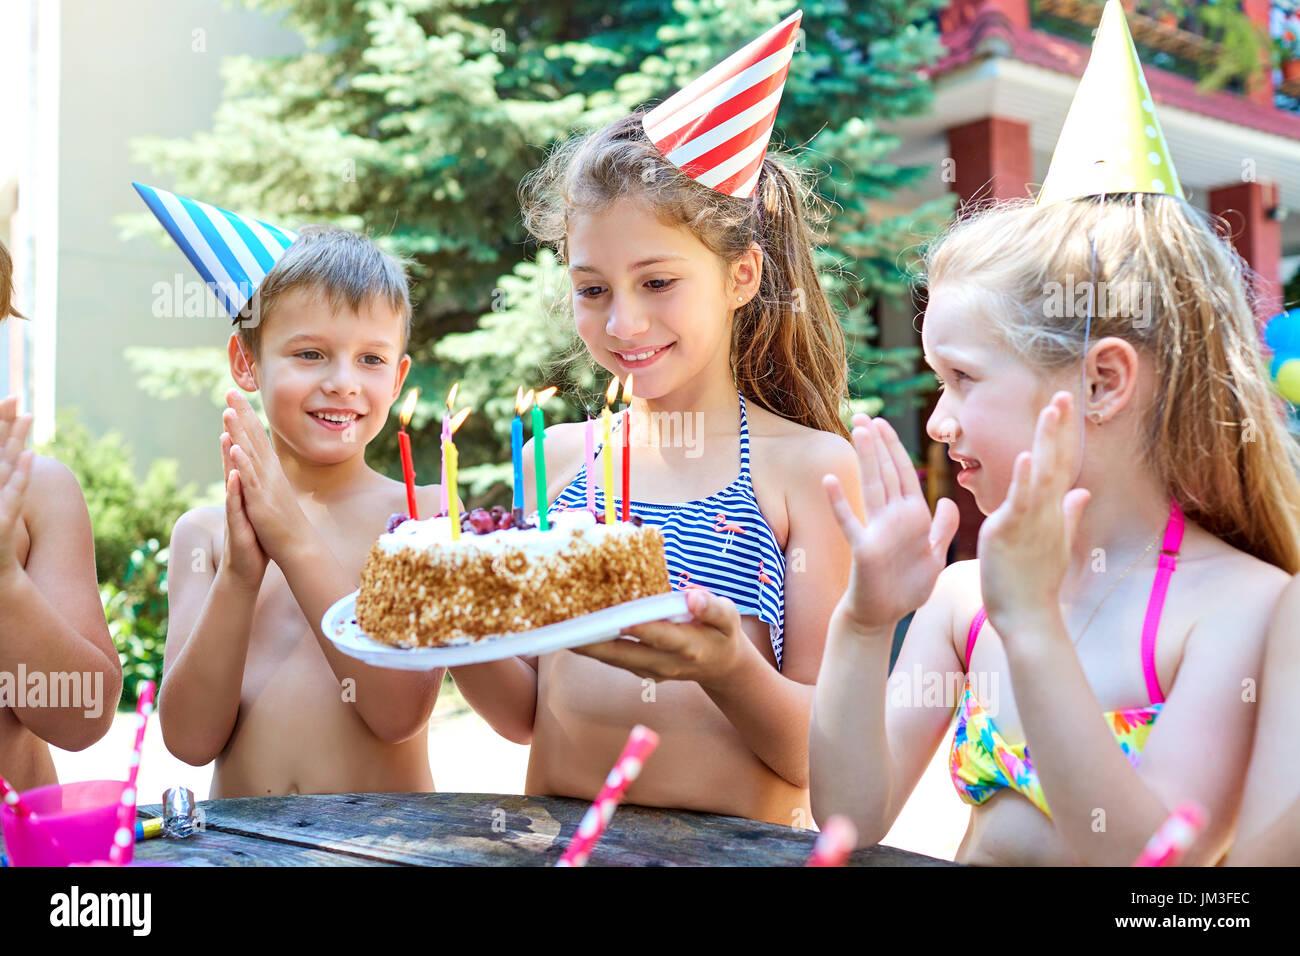 Cumpleaños con niños en sombreros en el verano. Imagen De Stock